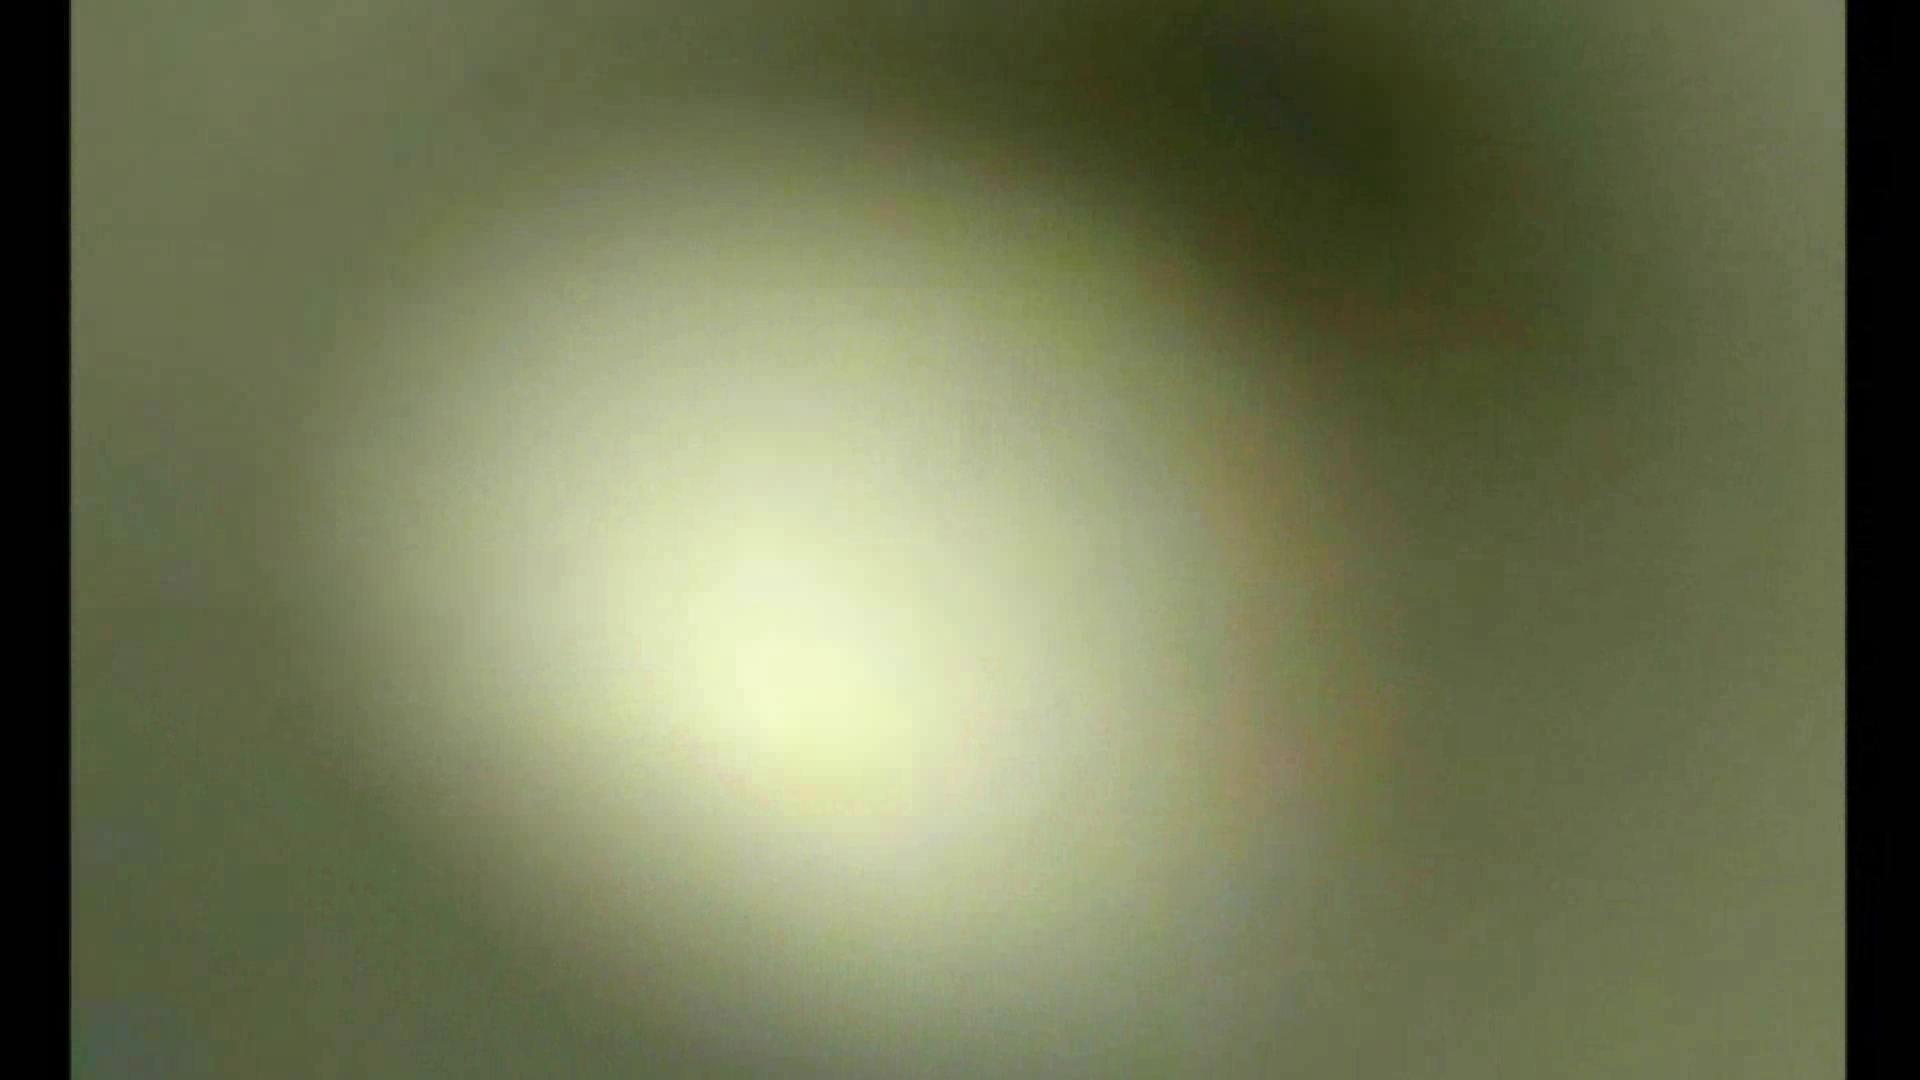 イケメンの素顔in洗面所 Vol.14 男天国 | イケメンのsex  102pic 15